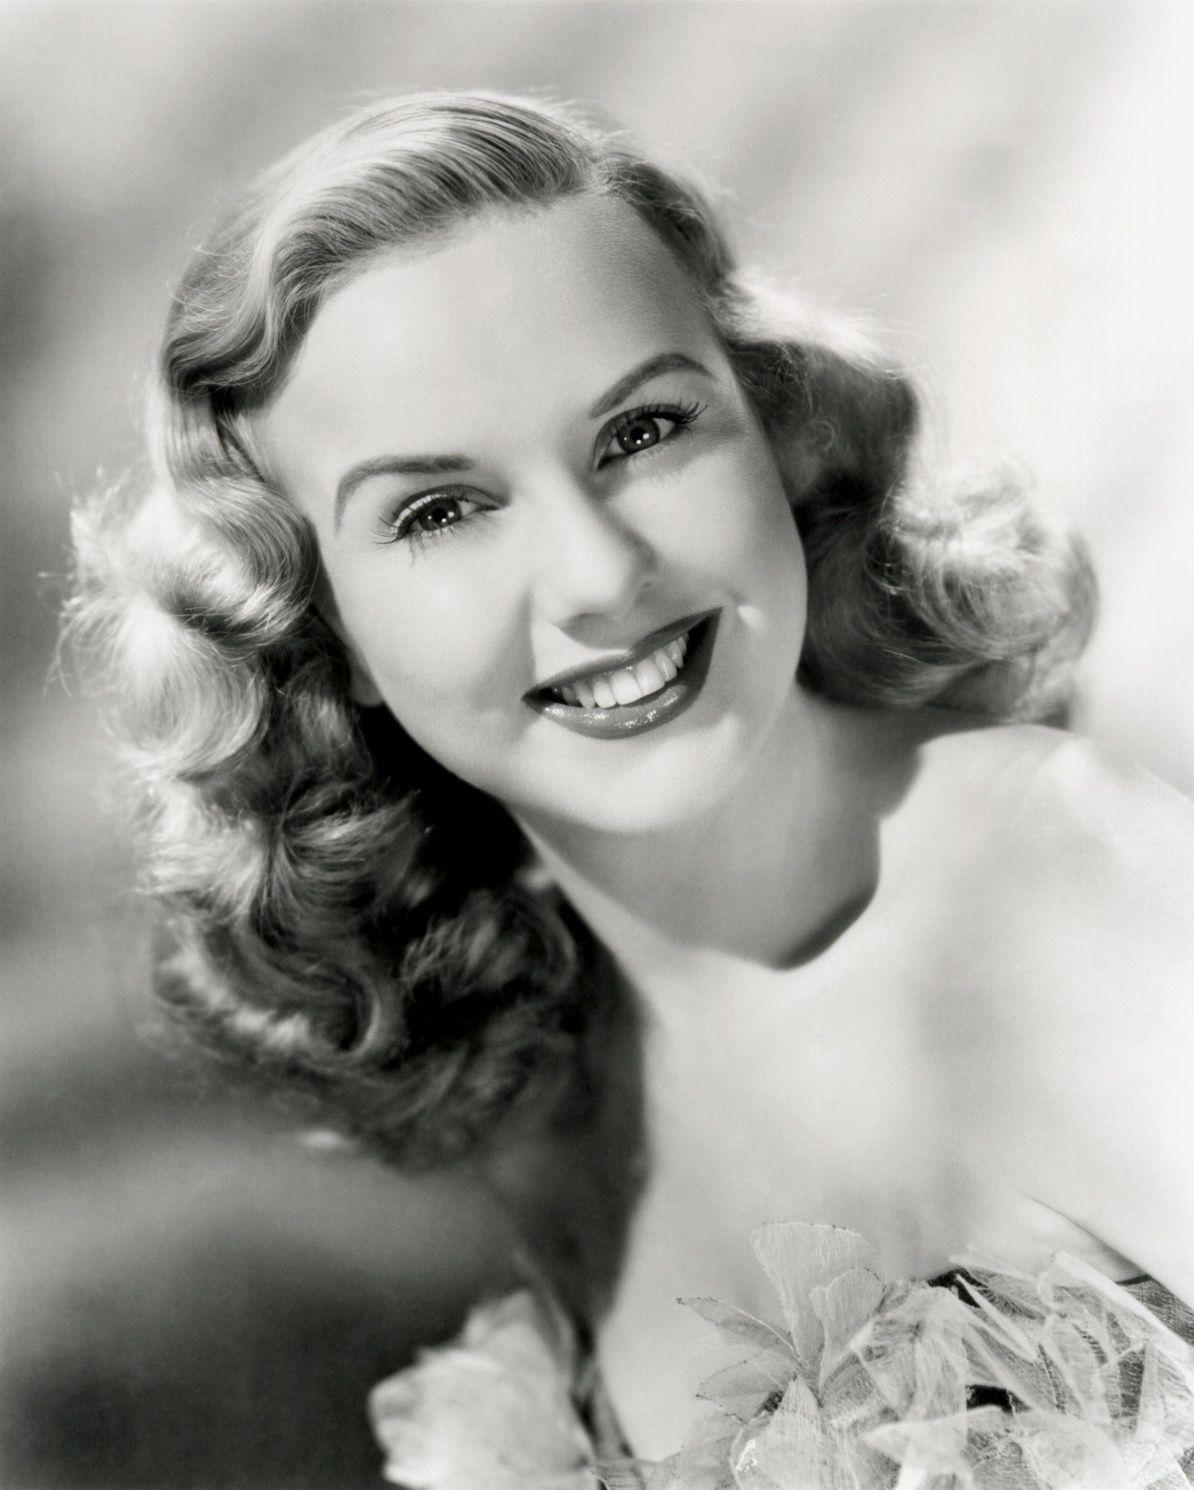 1939 long hair styles | deanna durbin is a canadian-born, southern